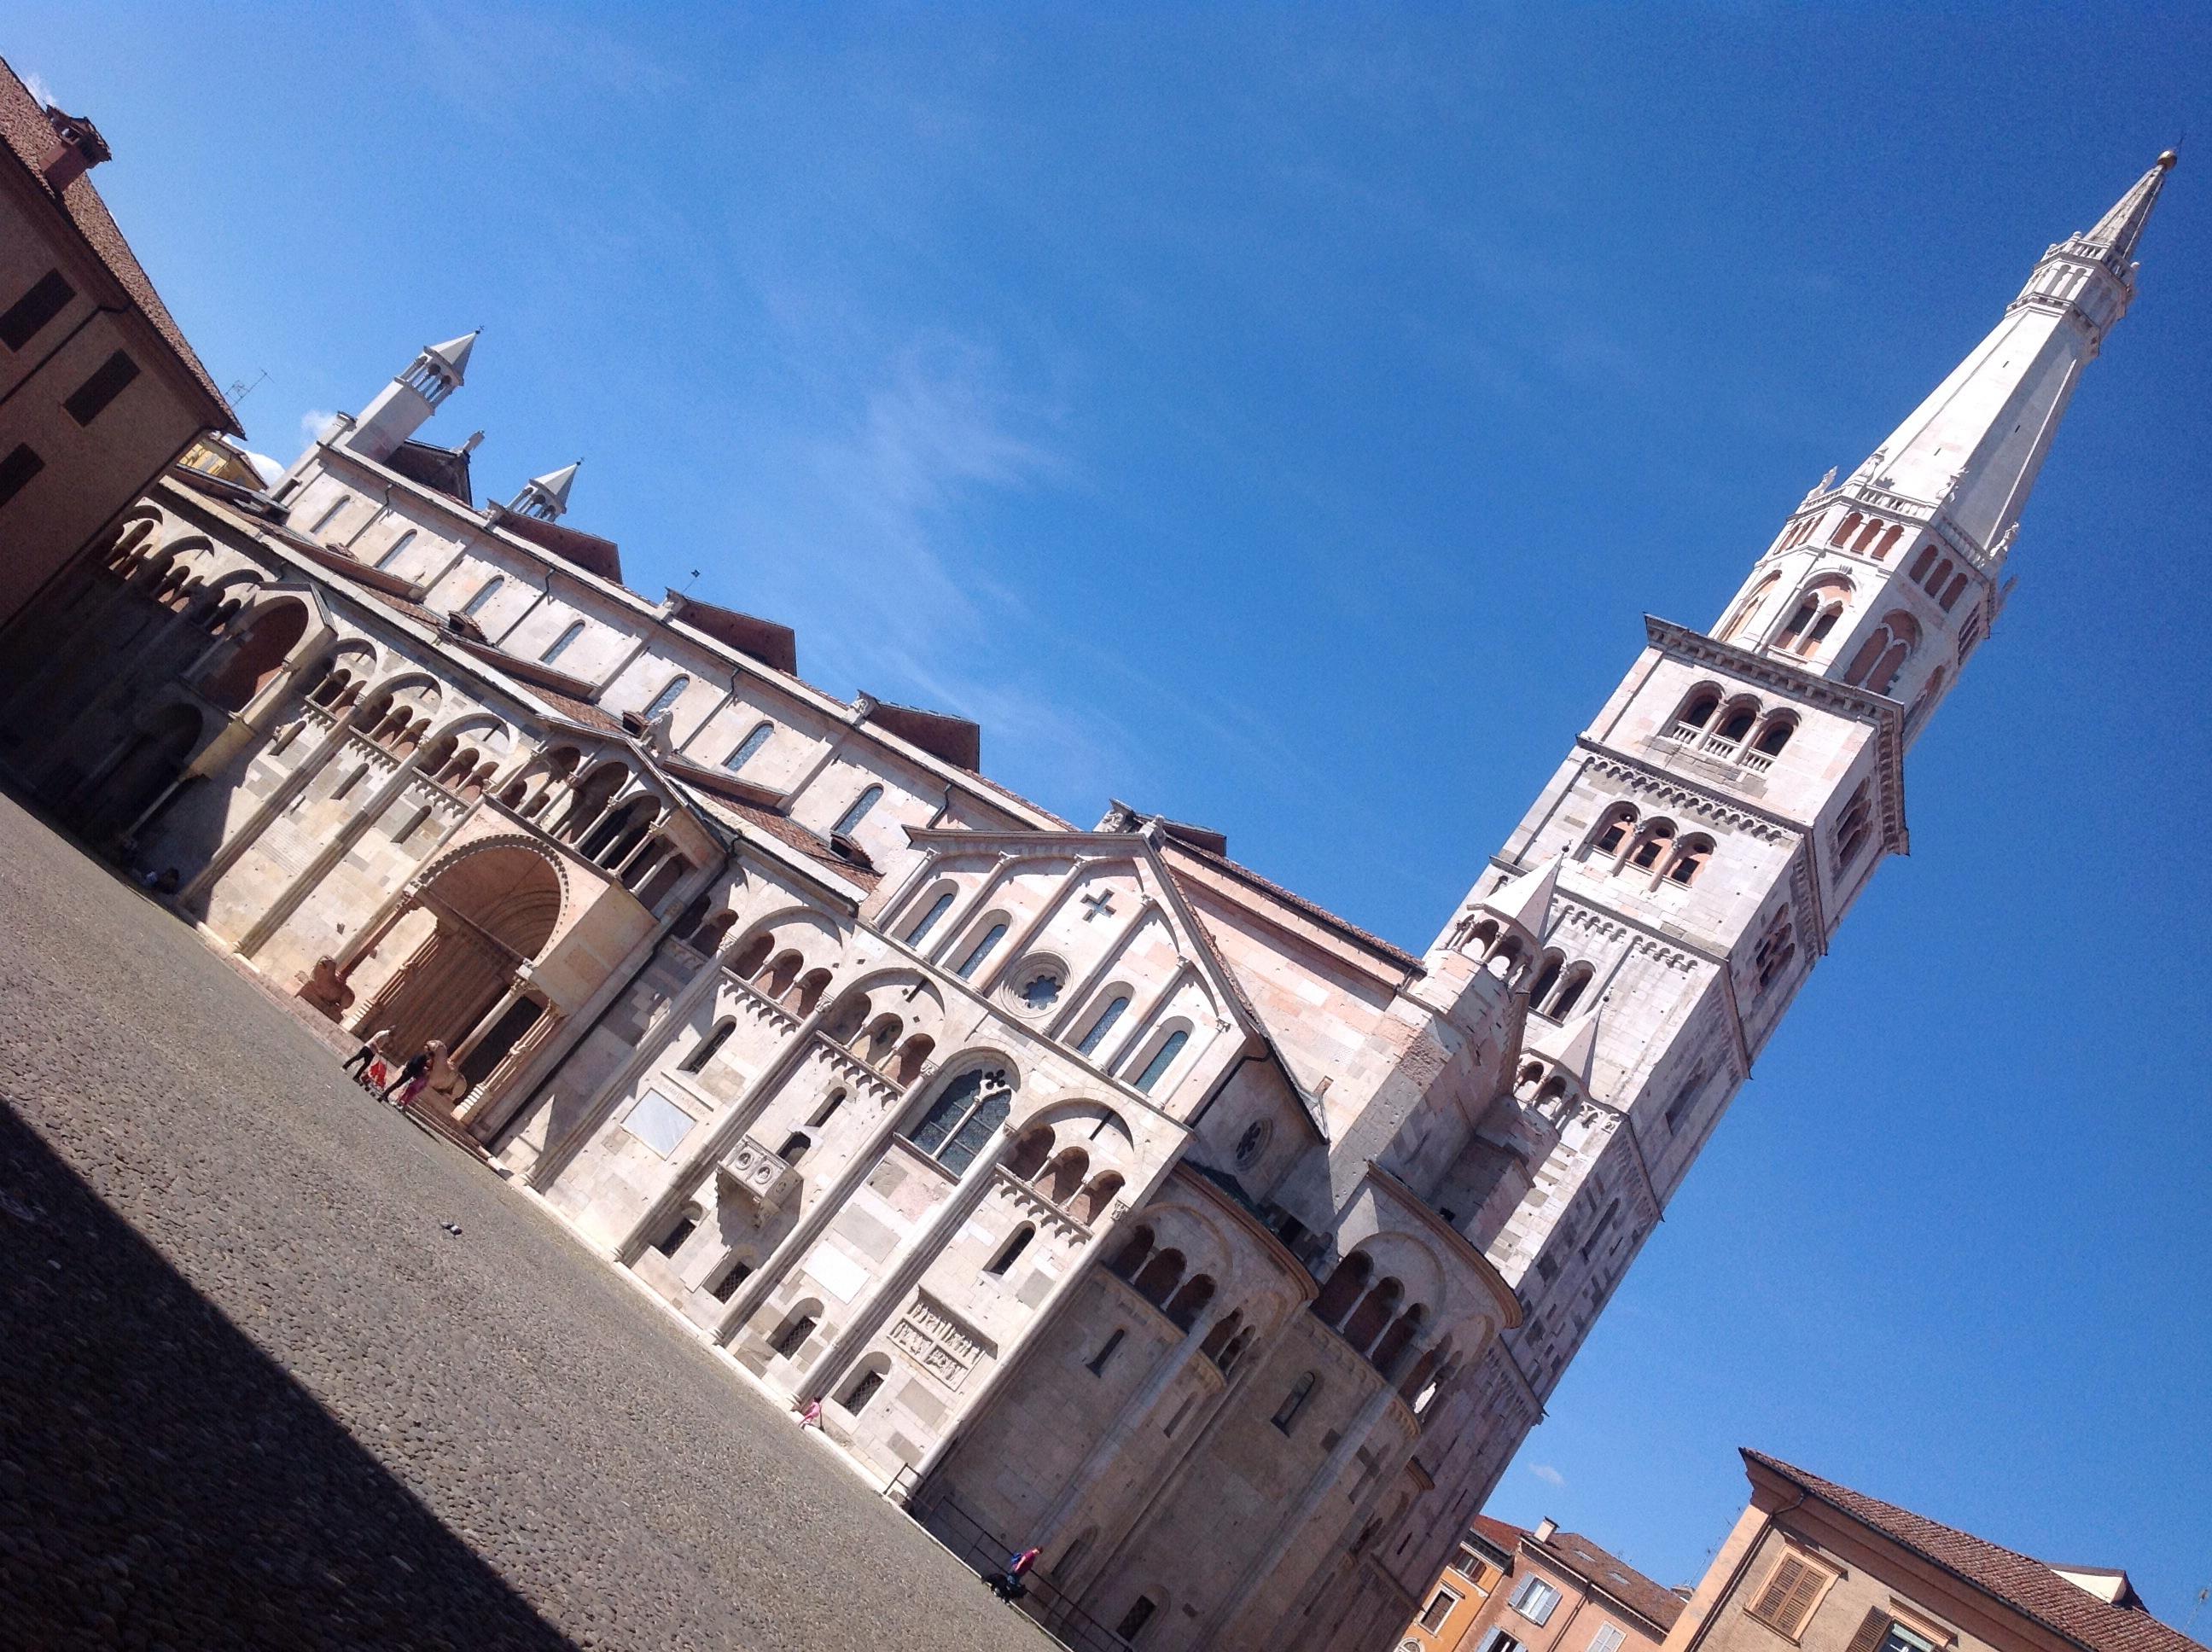 Top Permesso Di Soggiorno Modena Pictures - Carolineskywalker.com ...